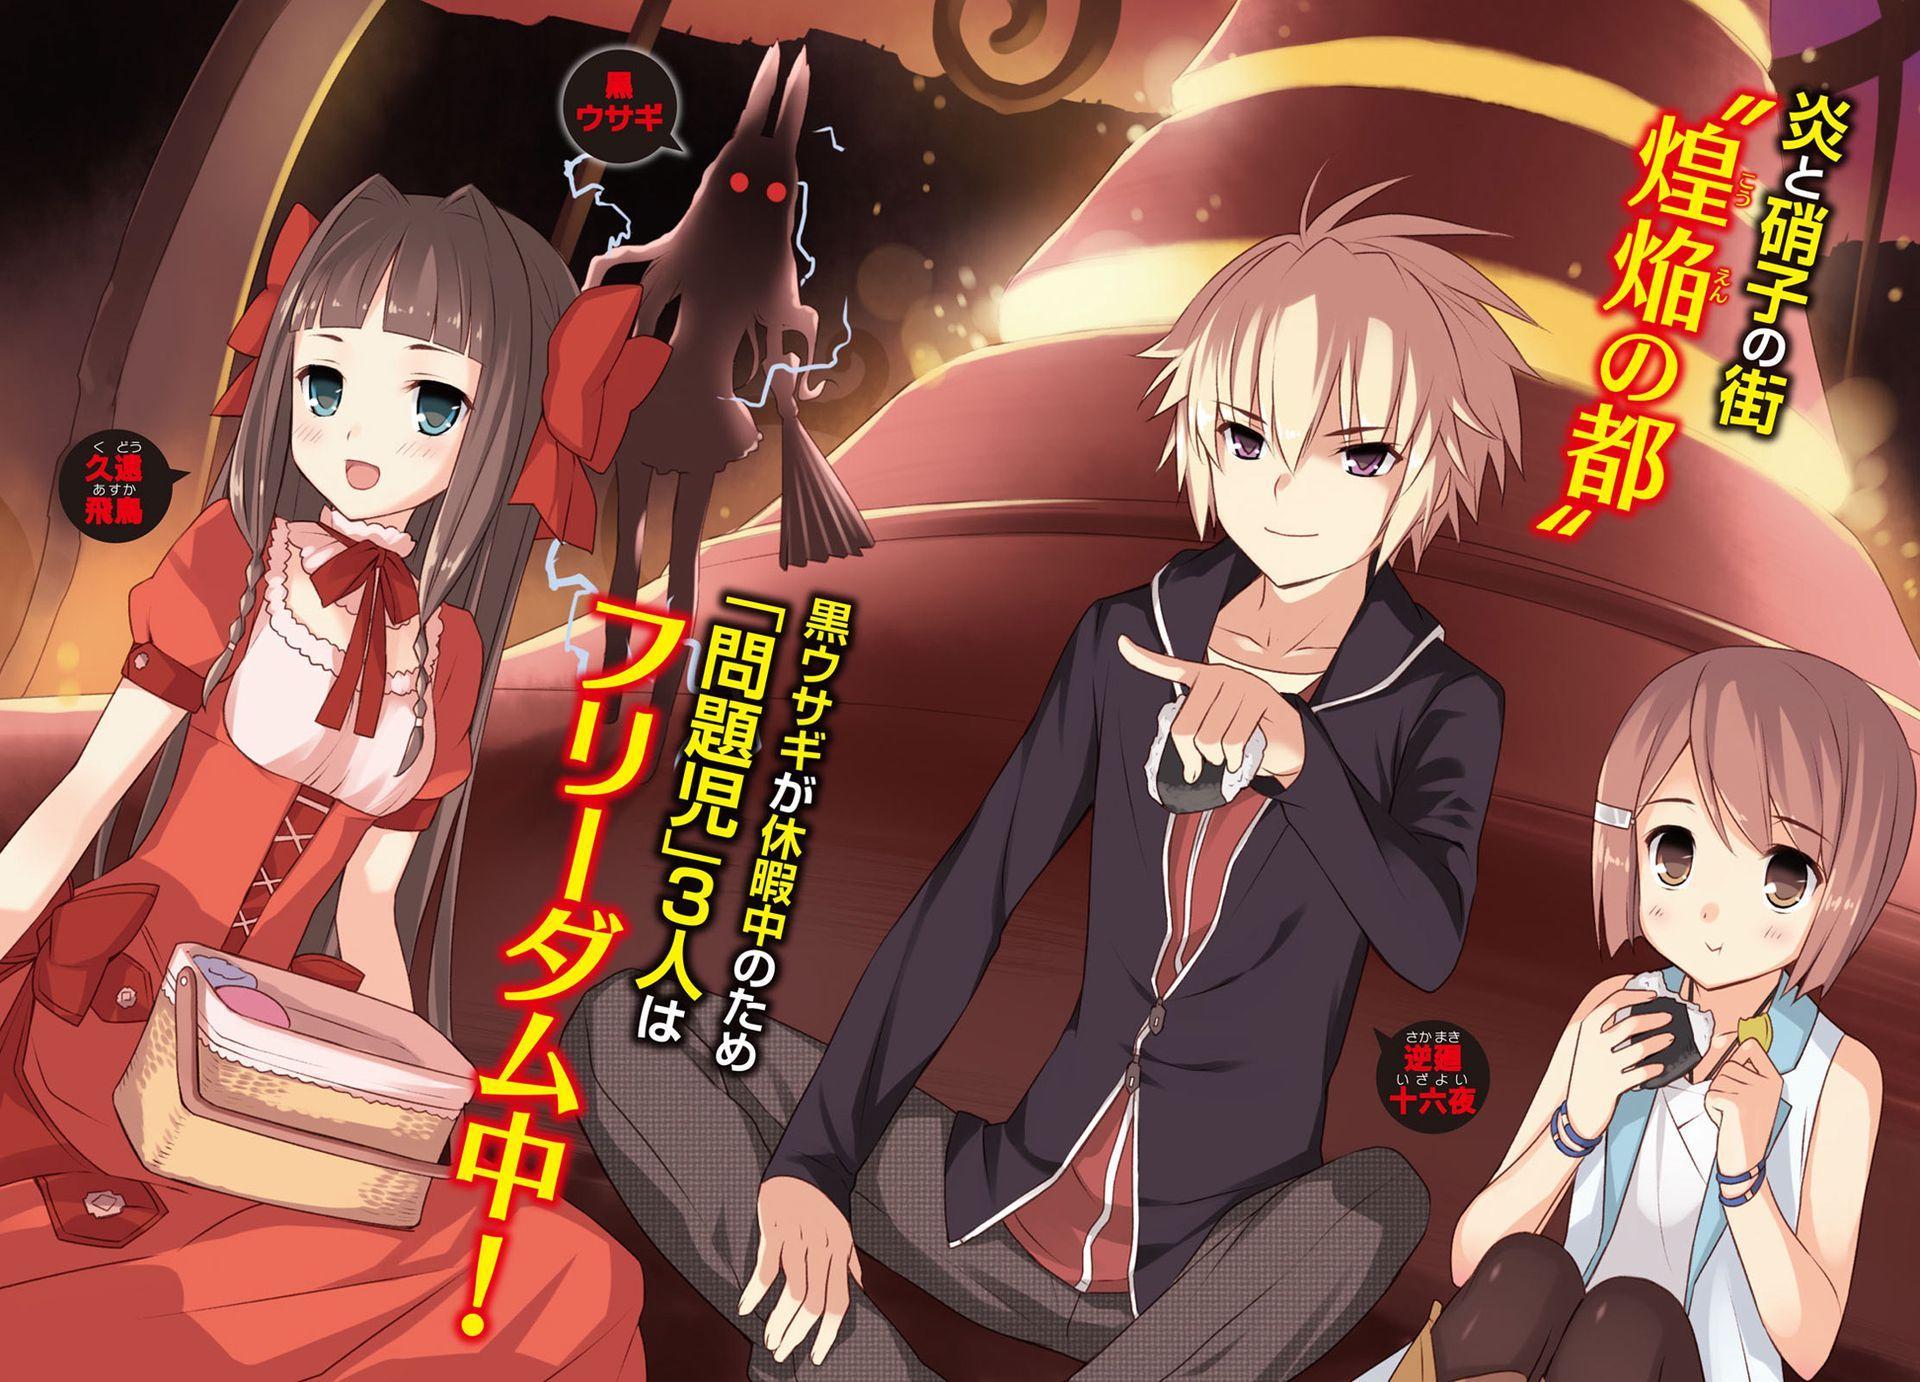 Imágenes De Anime in 2020 Anime, Kara, Anime guys